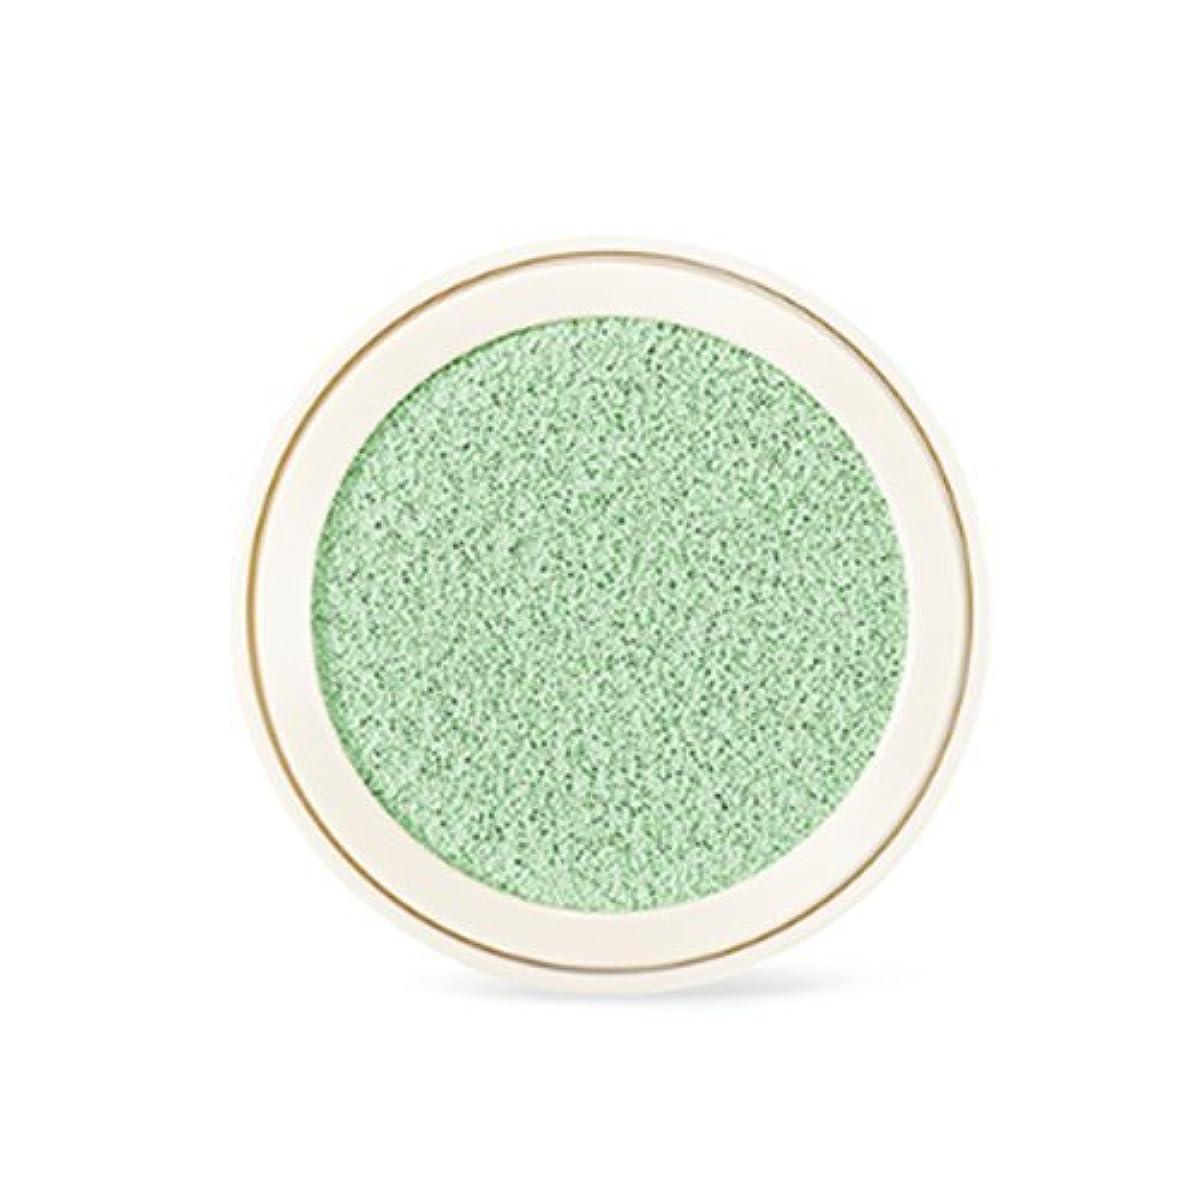 ハロウィンストローク帰るイニスフリー[INNISFREE]ノセブォムコレクティンクッション[リフィル] 14g/no-sebum correcting cushion (Refill) 14g (Green) [並行輸入品]